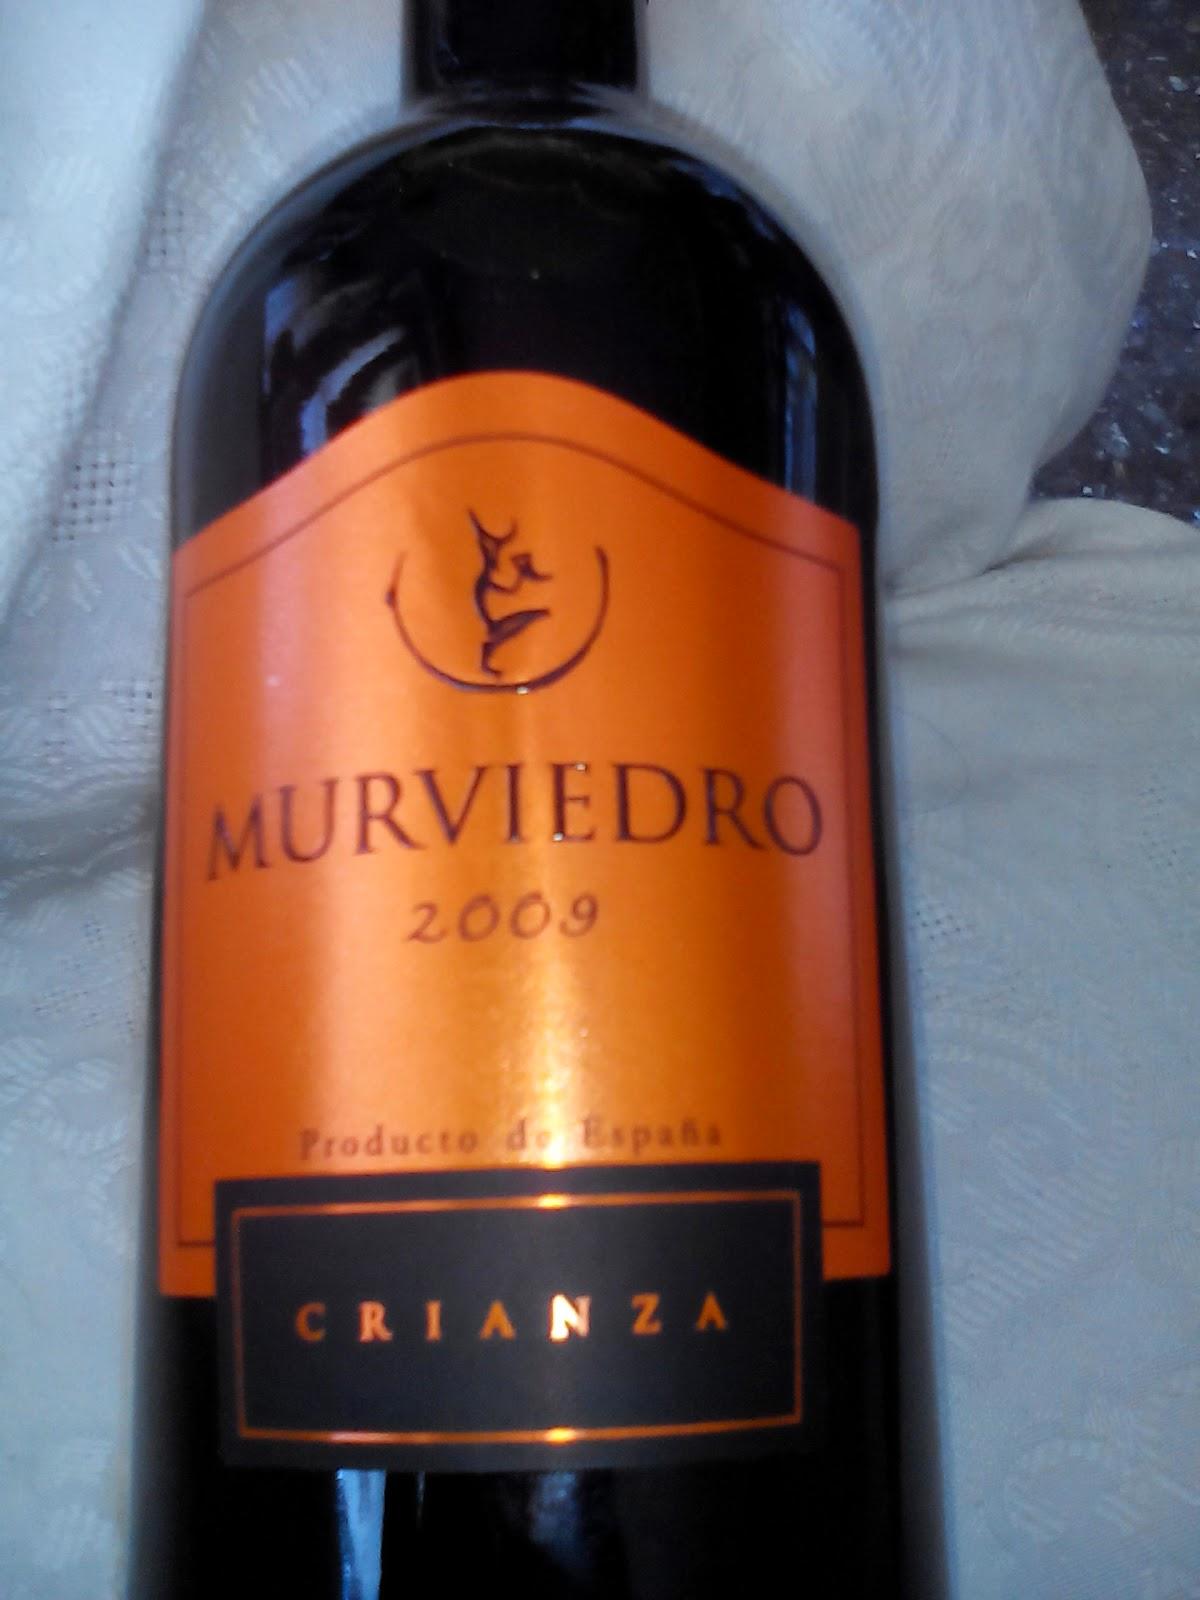 Murviedro 2009 crianza